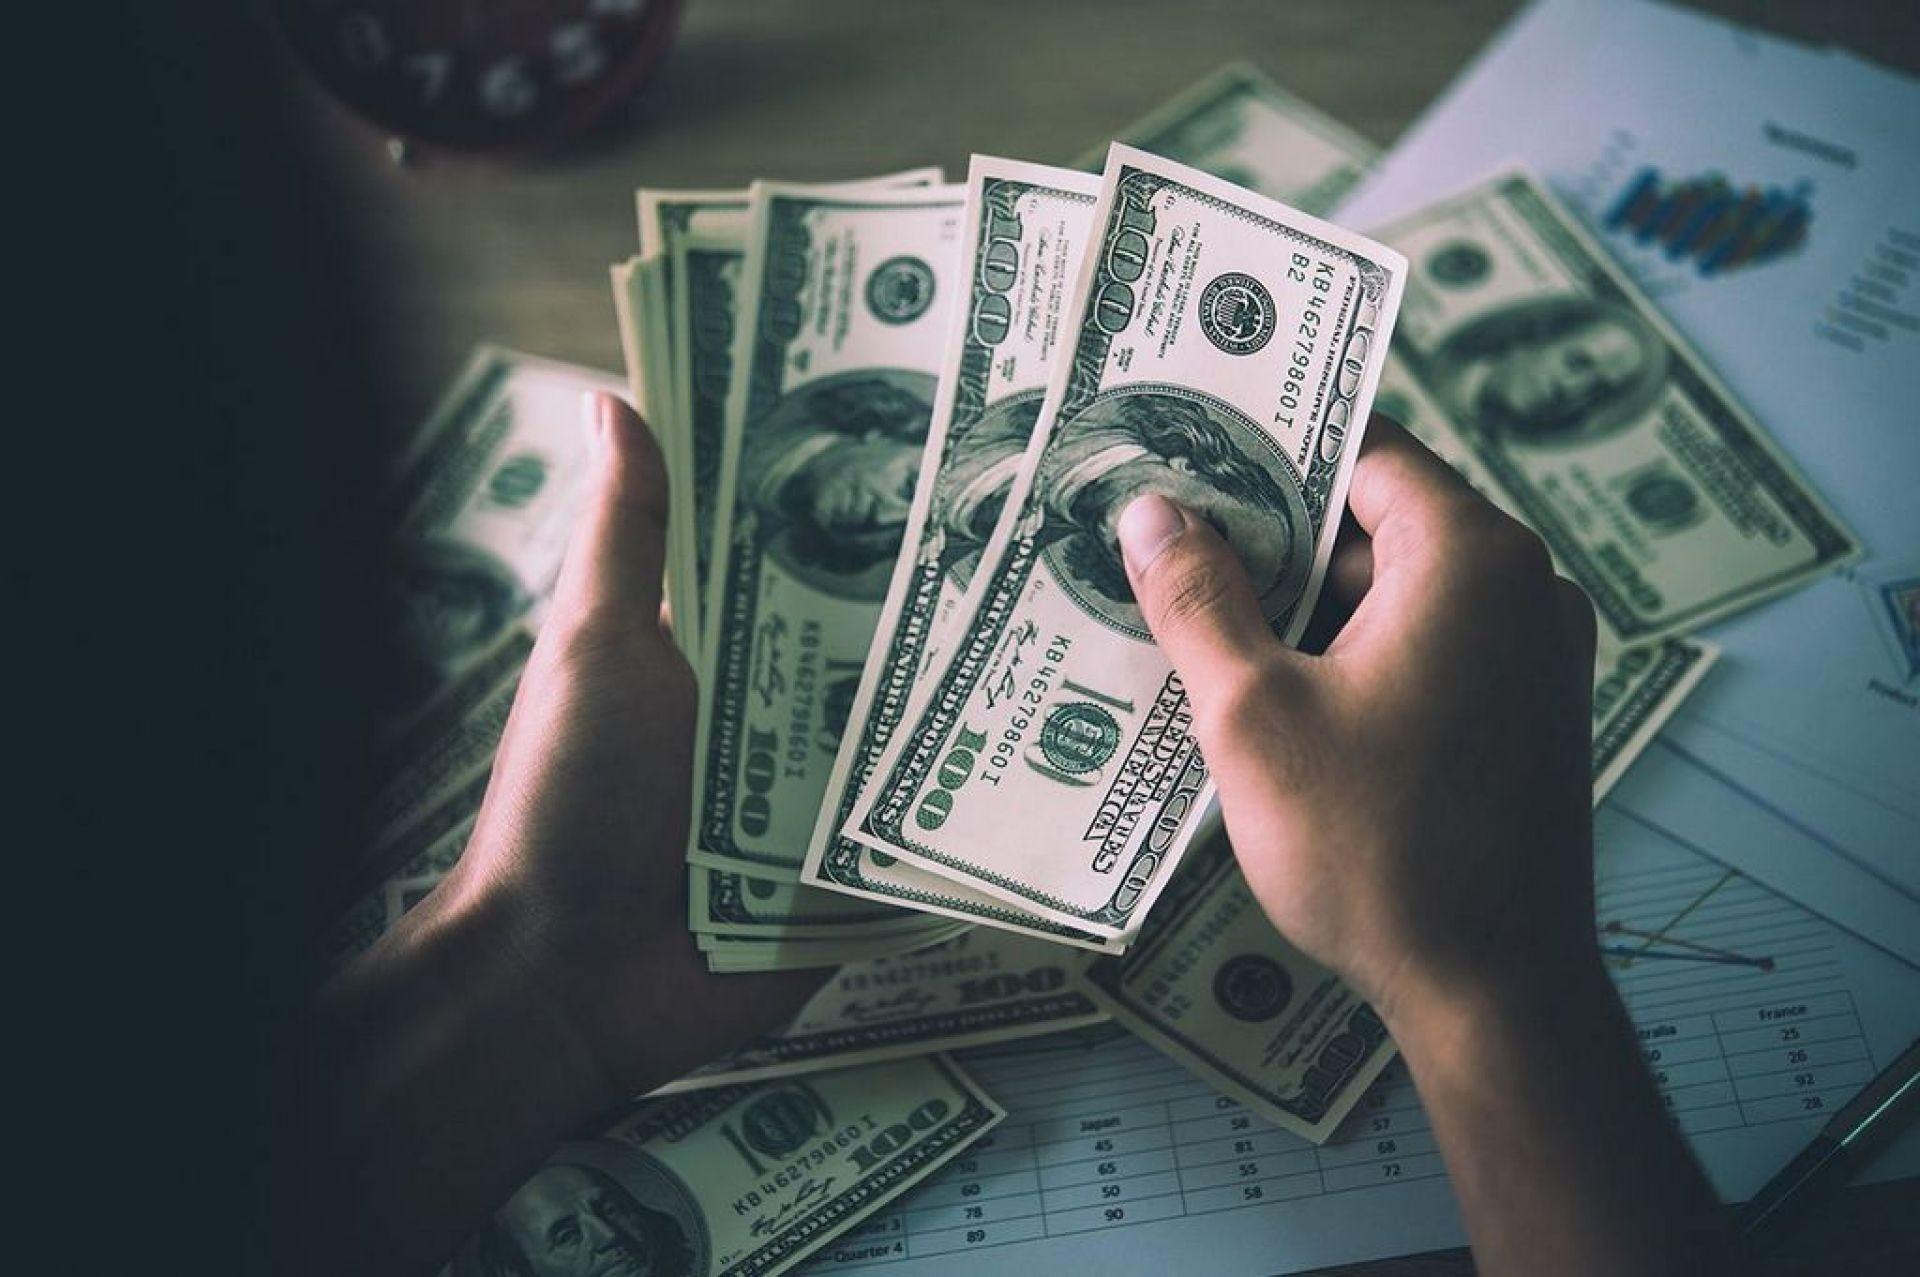 الدولار عند أعلى سعر في 16 شهرا وضبابية انفصال بريطانيا تضر بالاسترليني